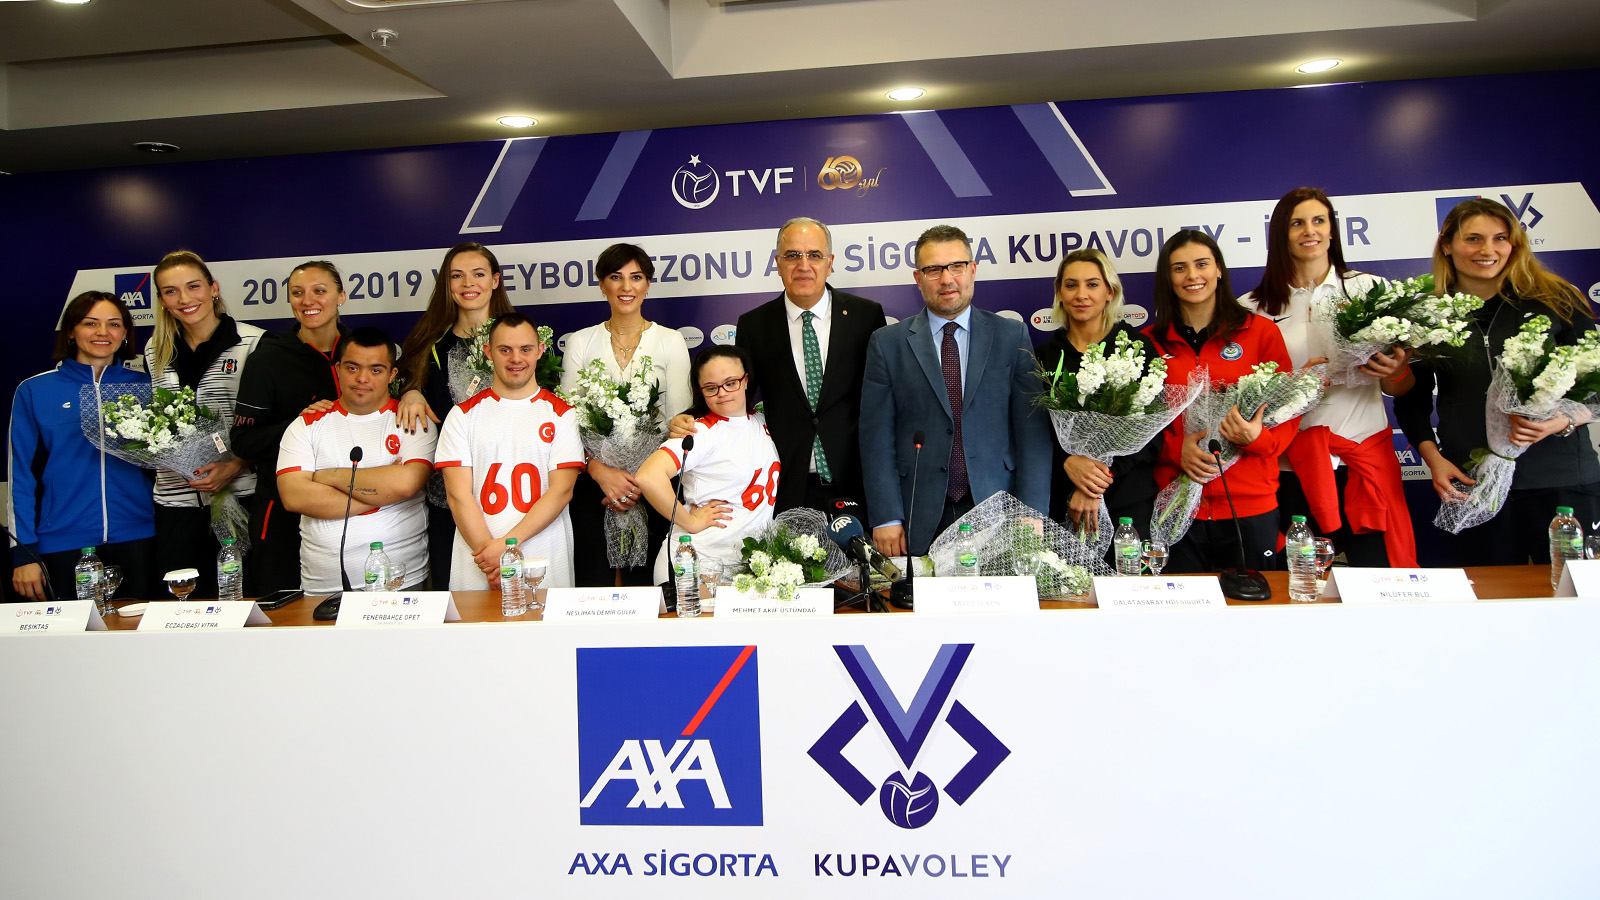 AXA Sigorta Kupa Voley kadın final etabı basın toplantısı gerçekleşti